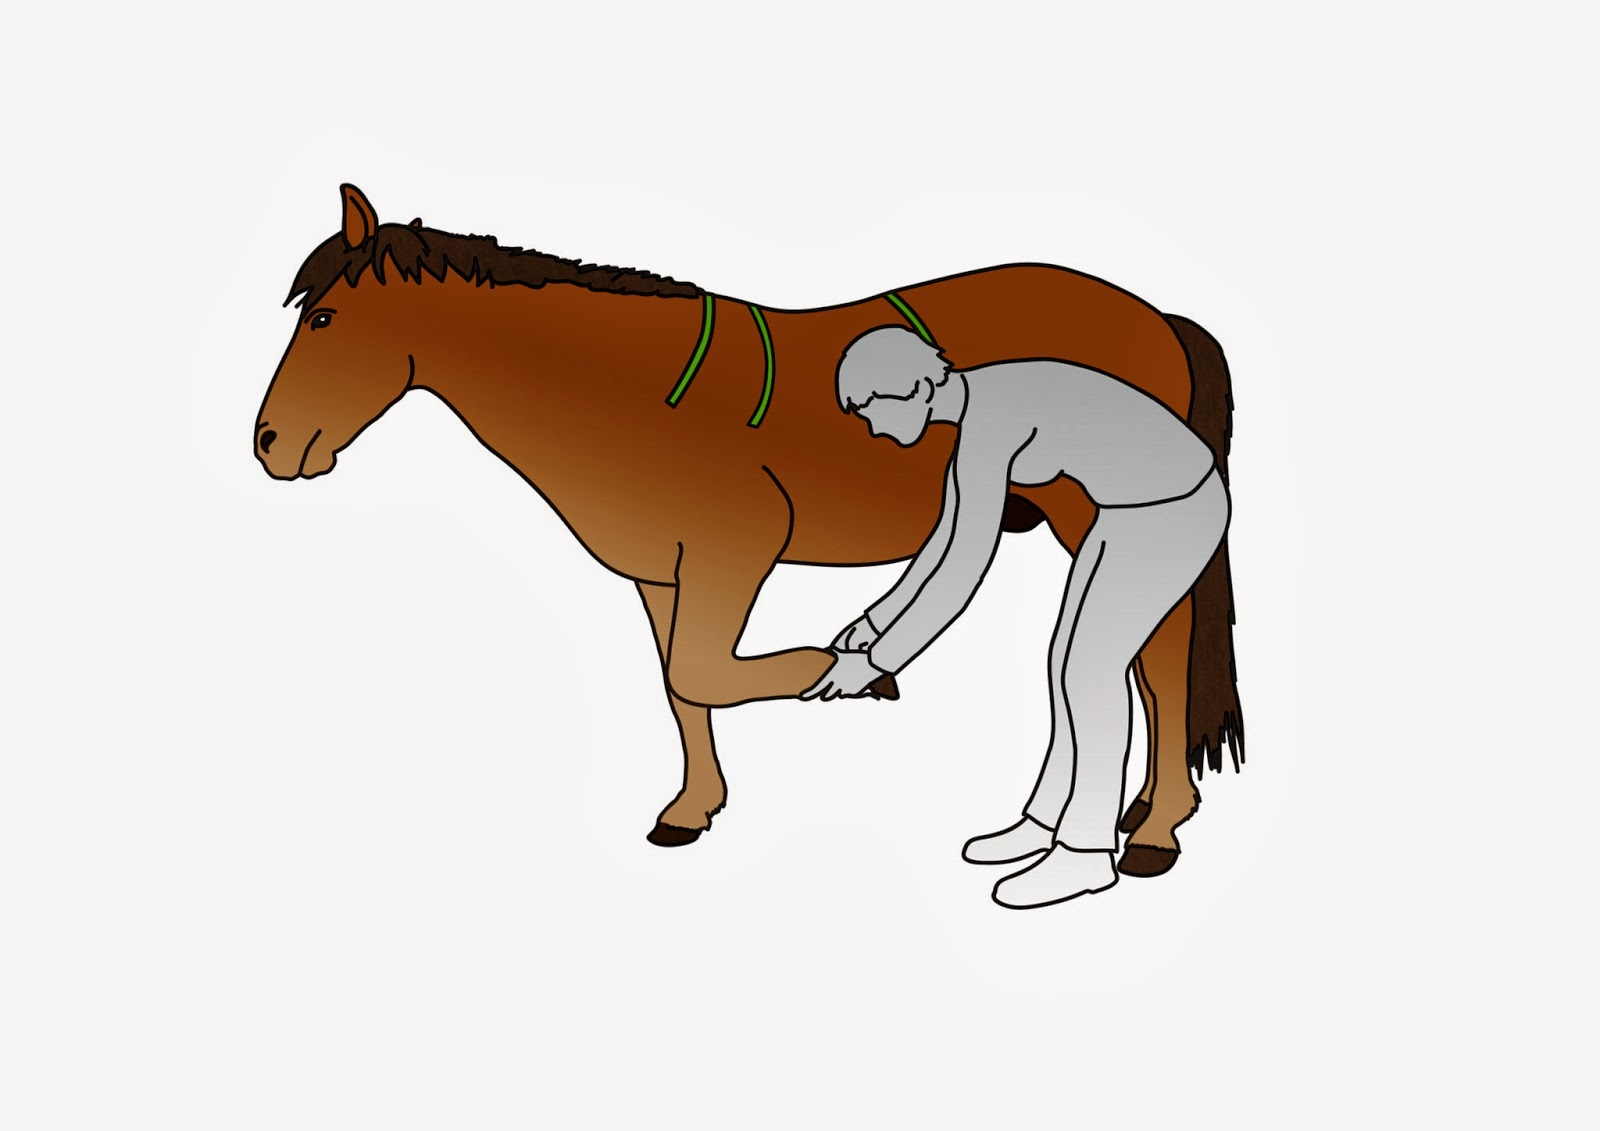 Schultermuskel-Probleme Pferd: Hilfen zur optimalen Sattelanpassung ...